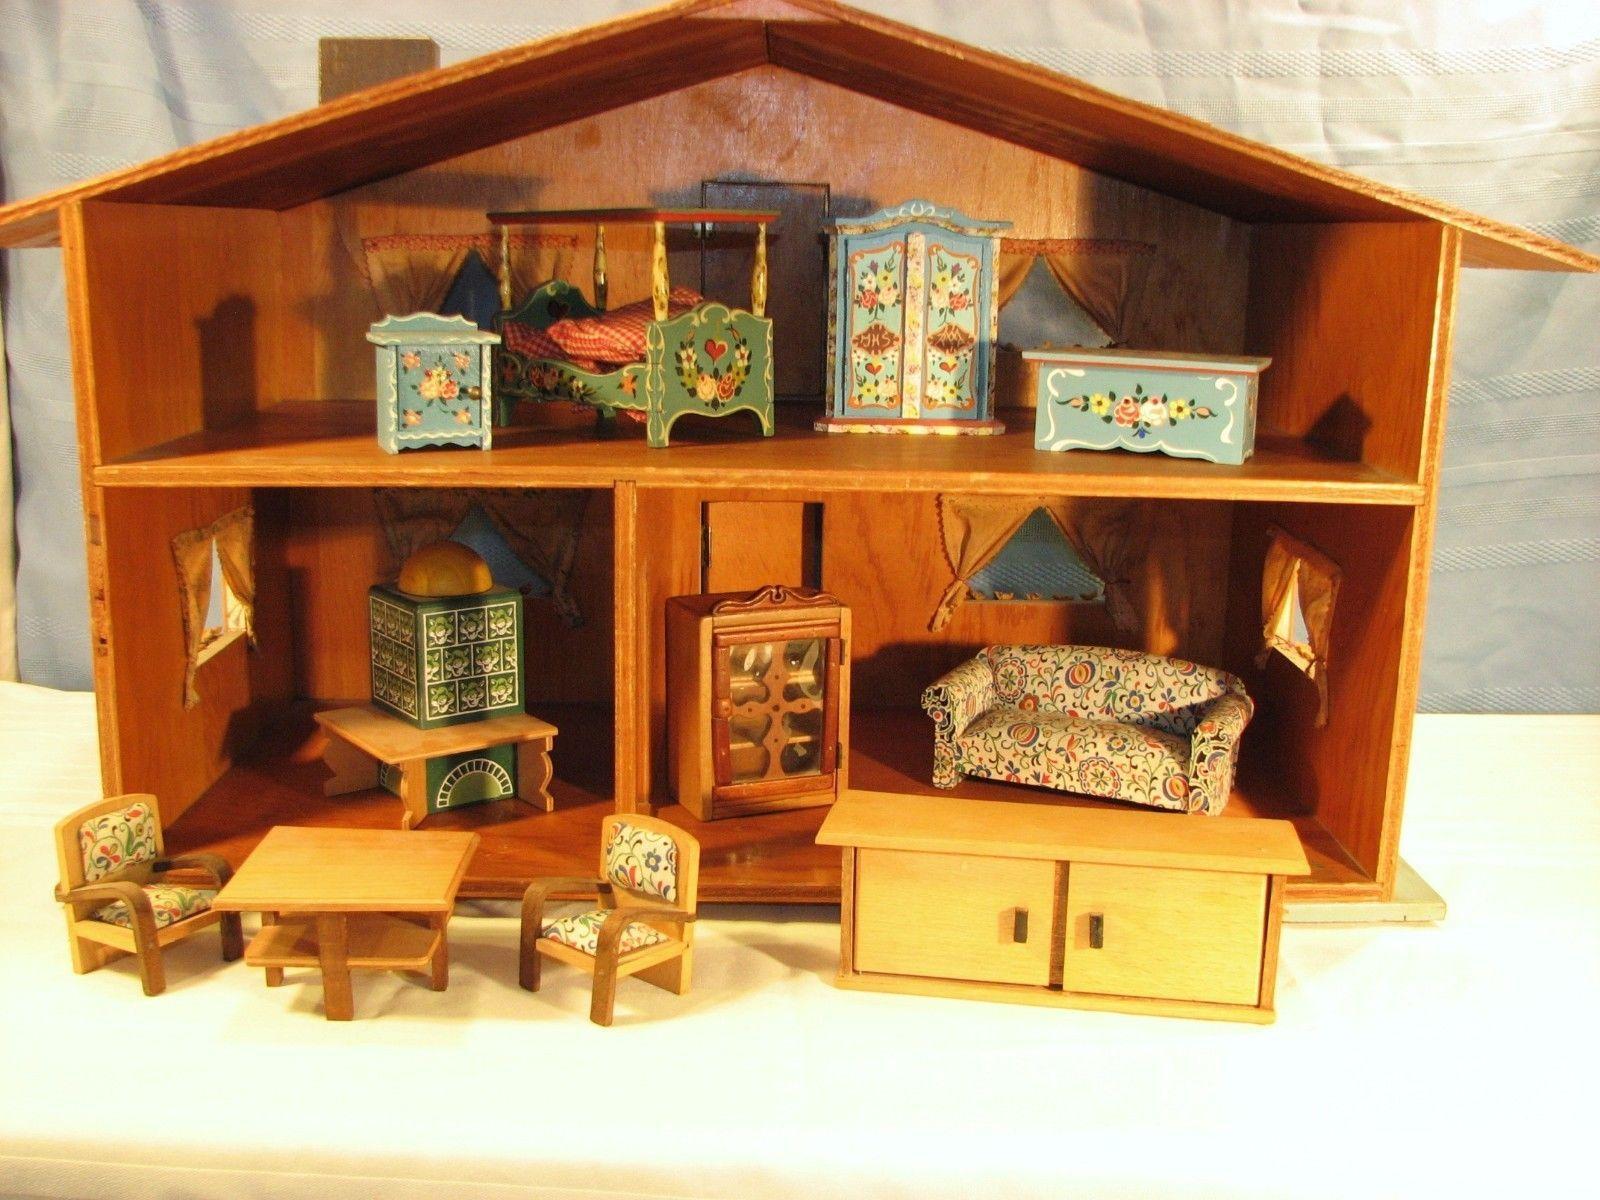 fao schwarz doll house eBay